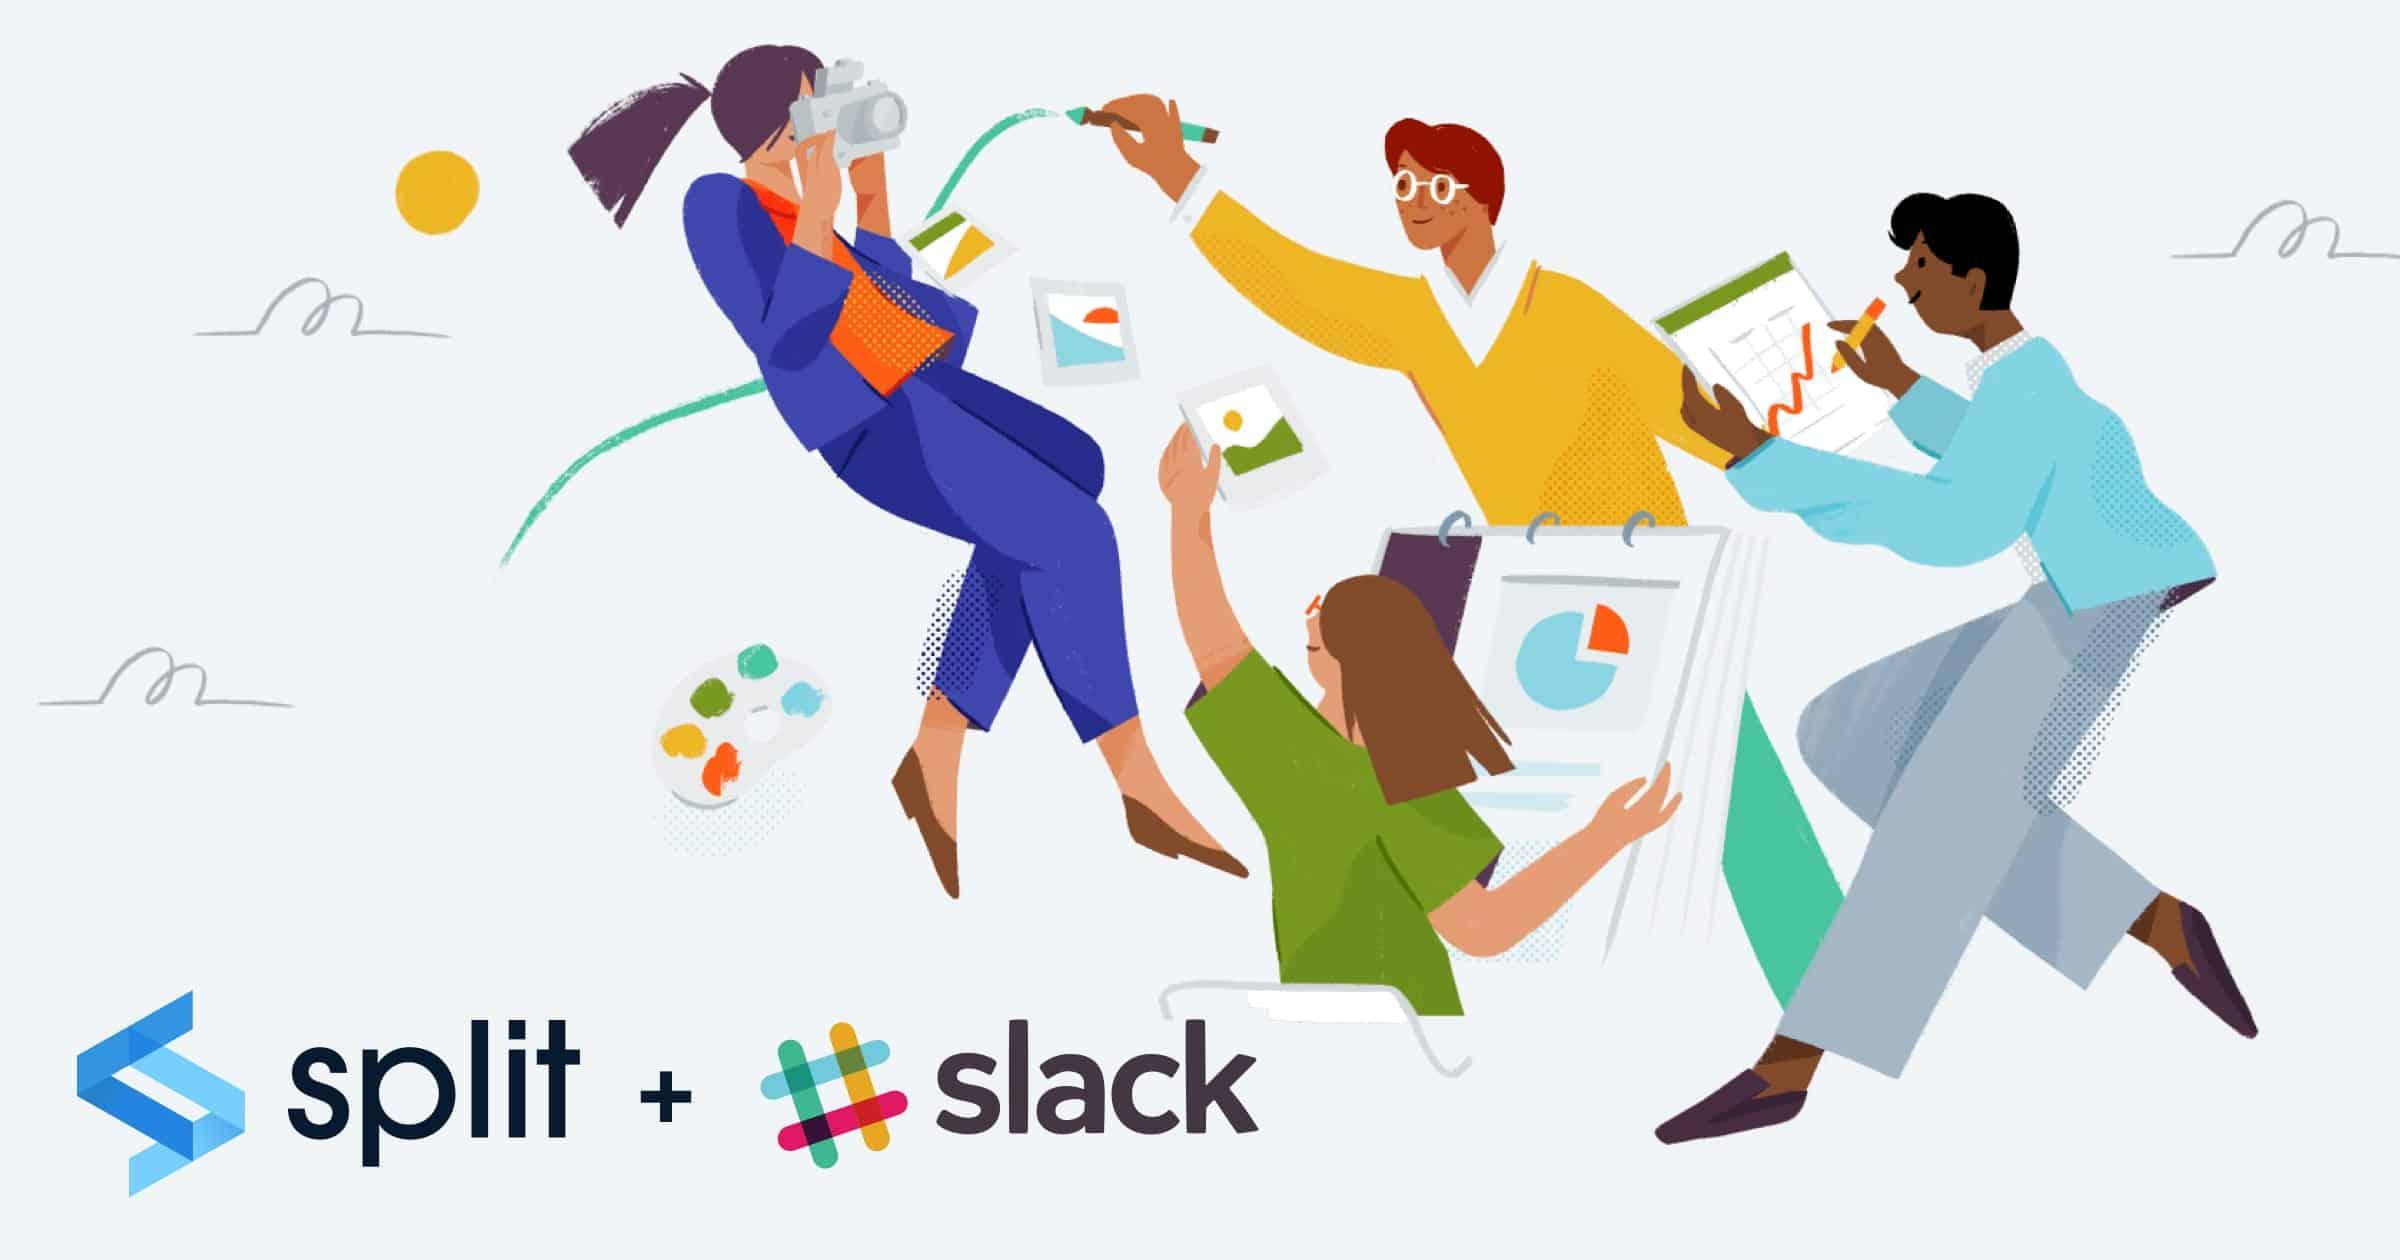 slack-blog-image